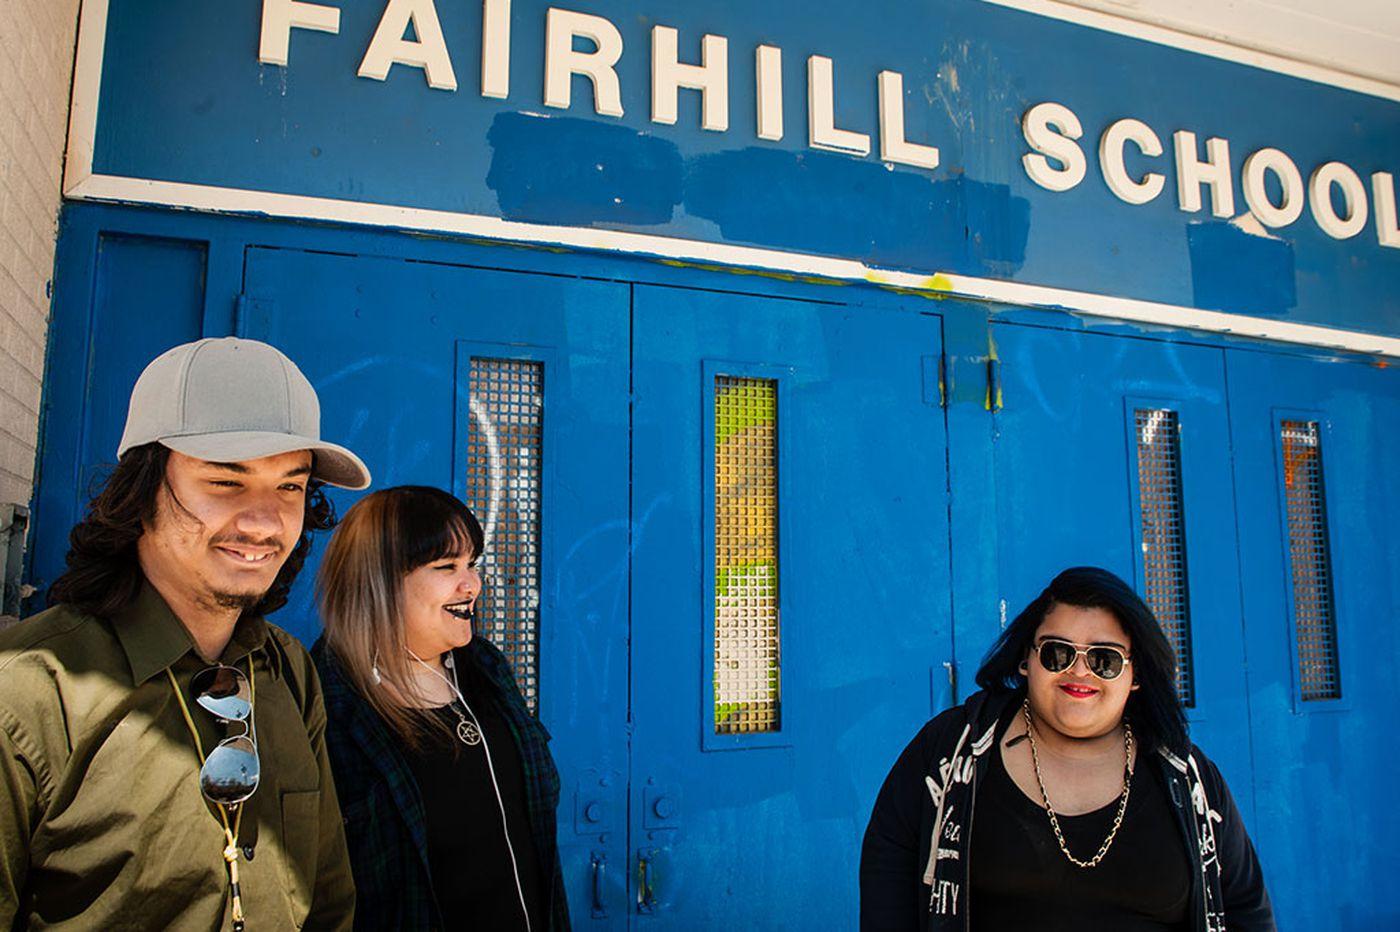 A shuttered school finds new life as art